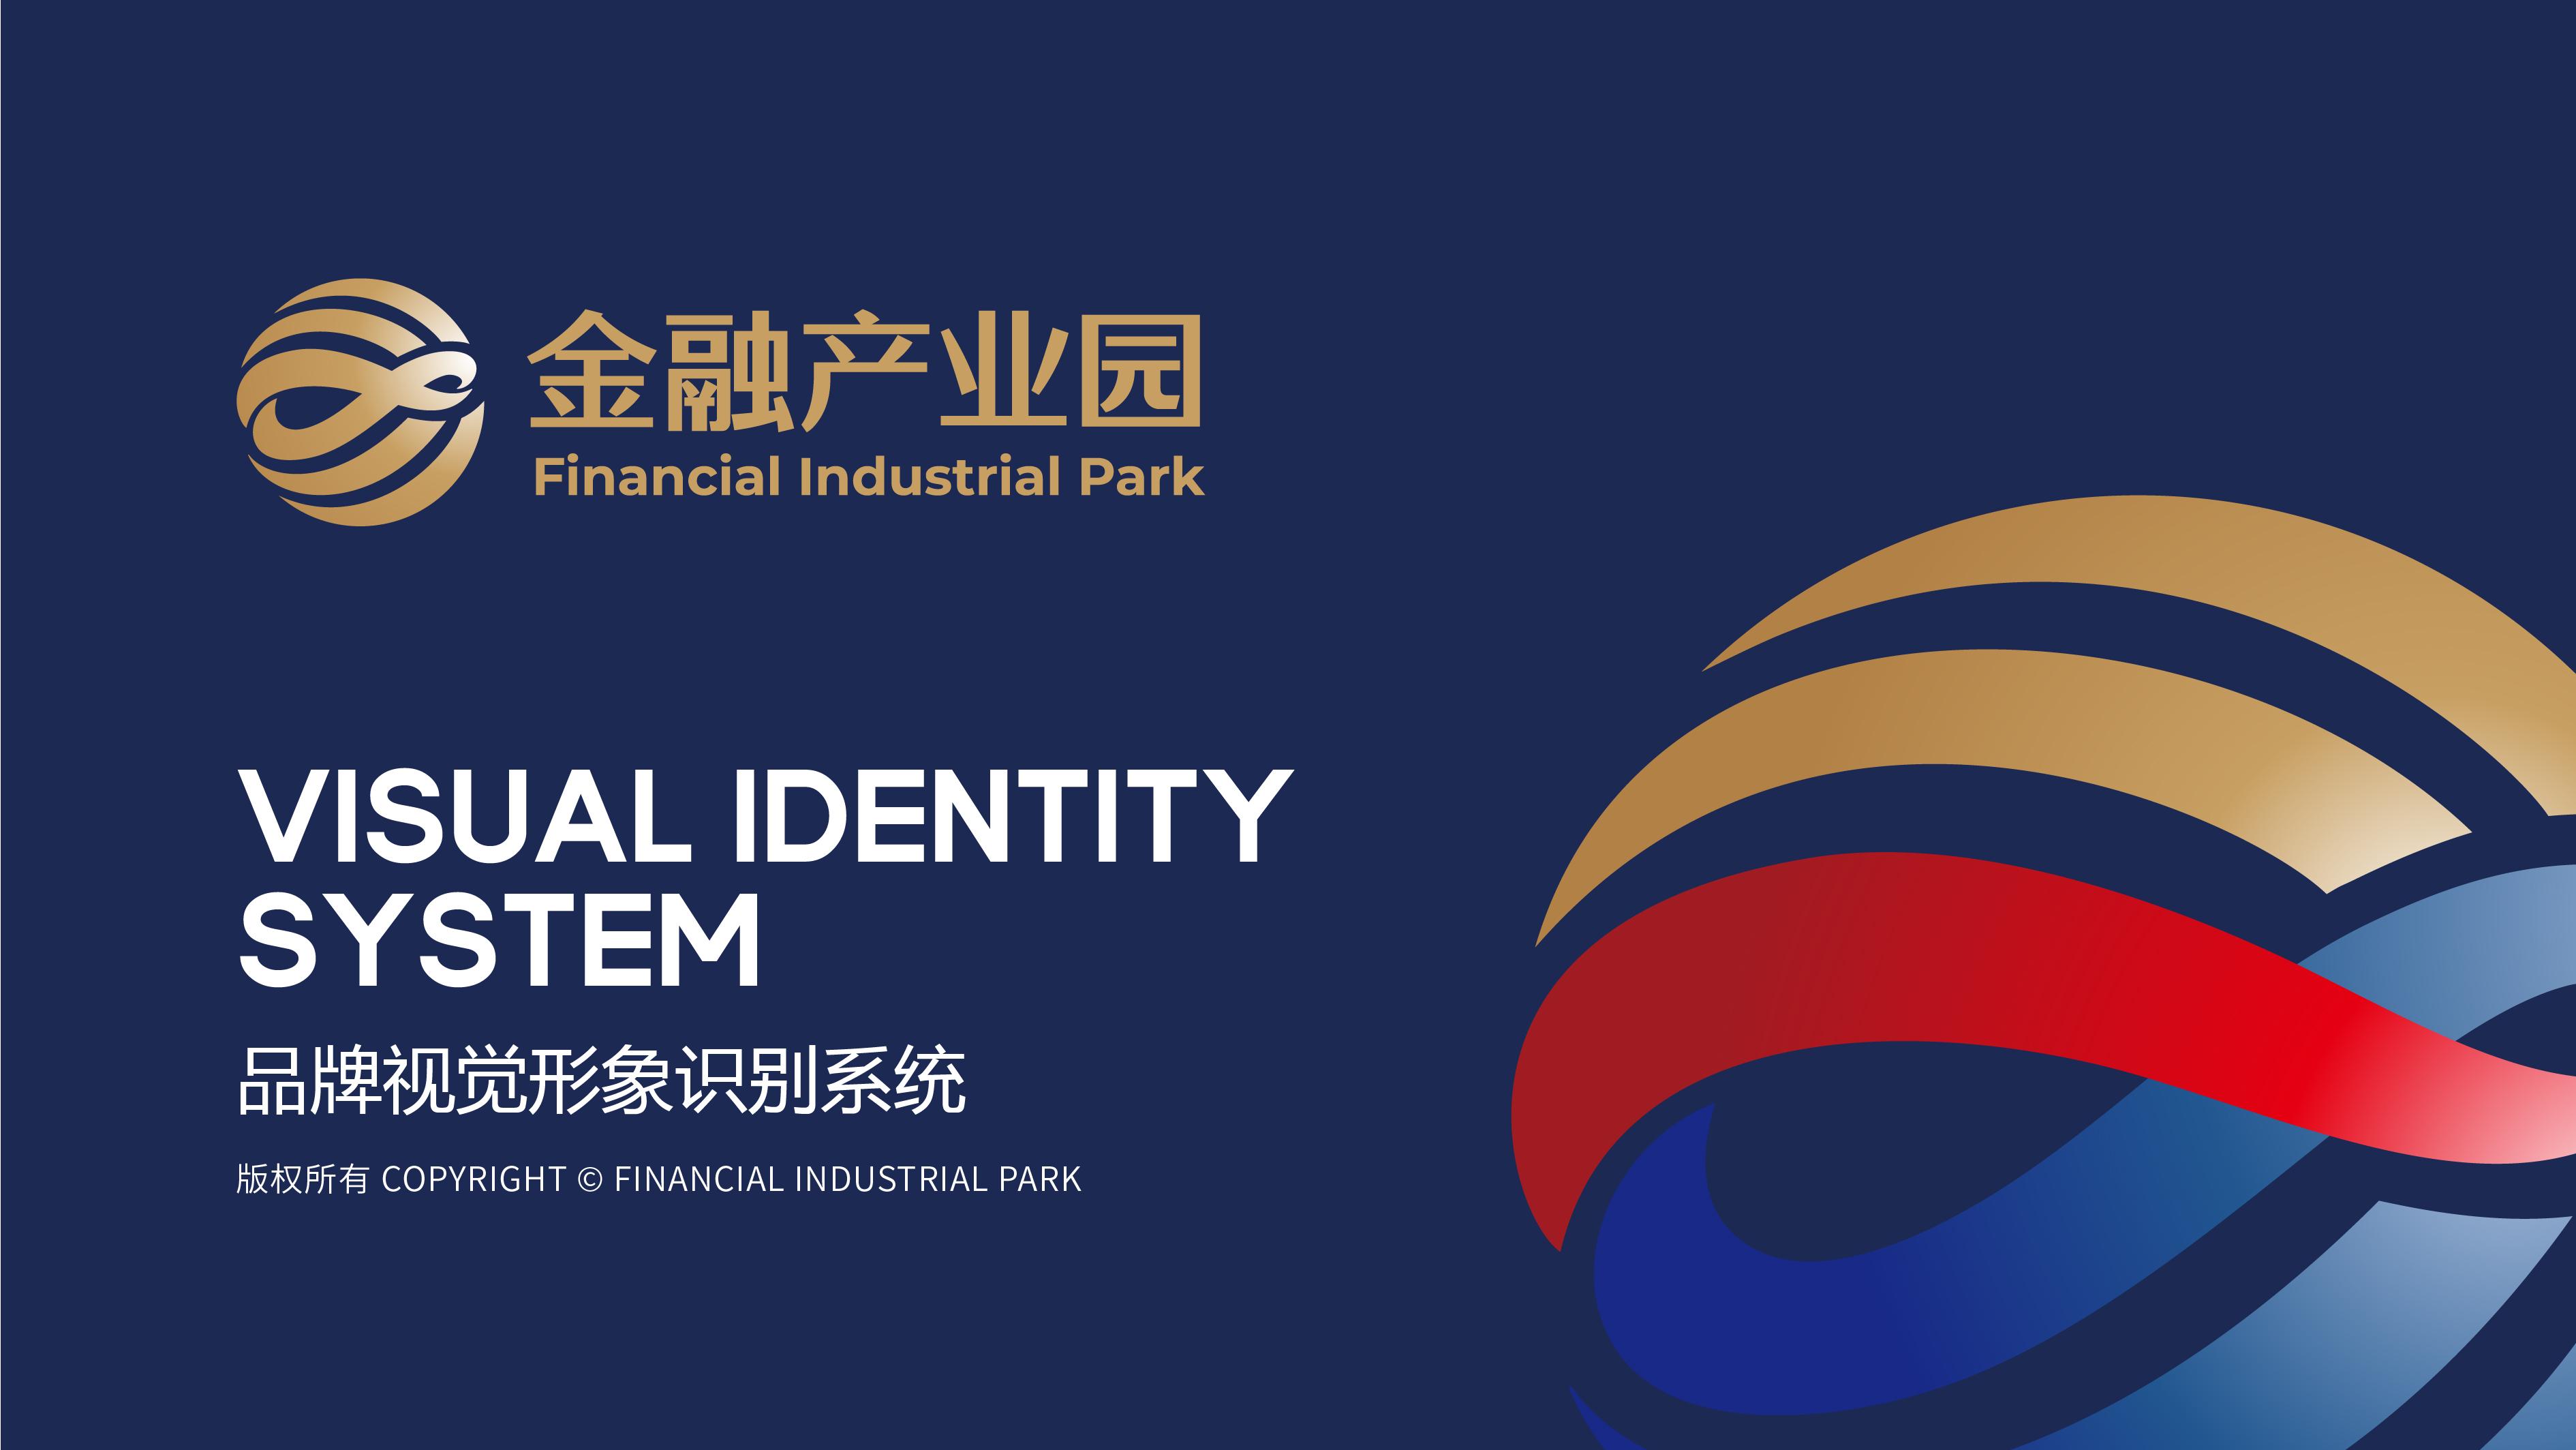 中和创美金融产业园类VI设计